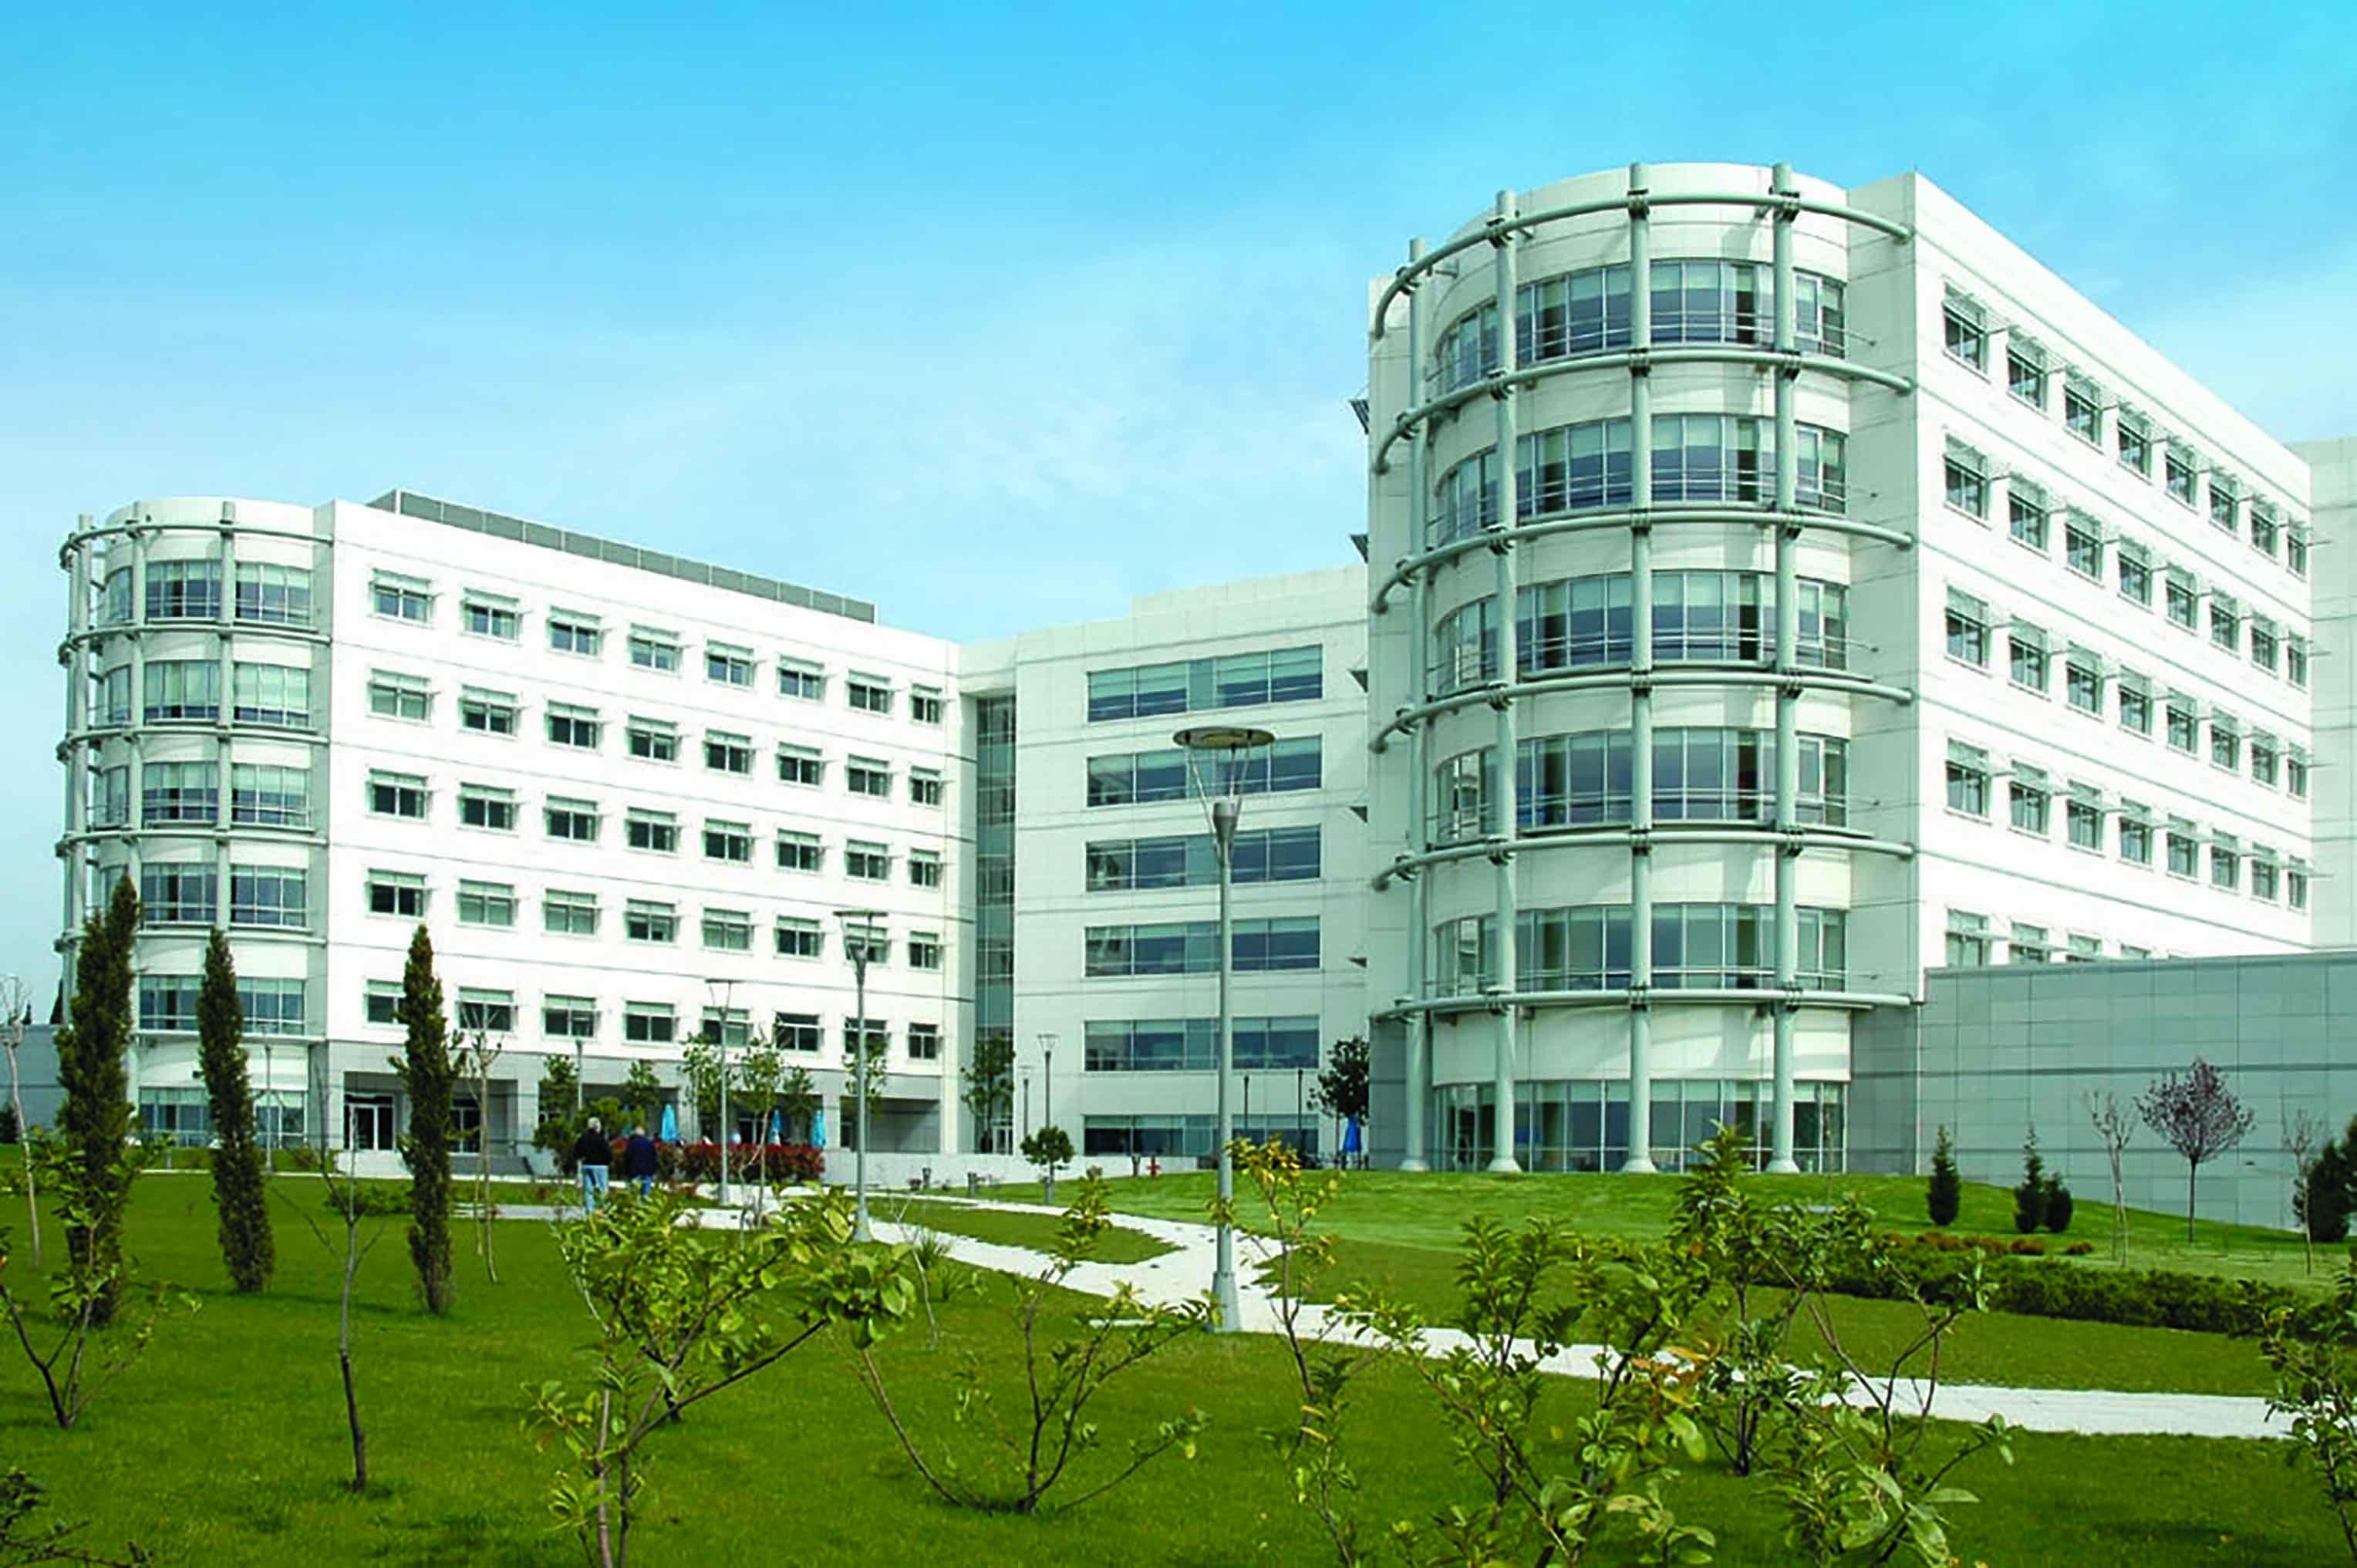 Fibrobeton John Hopkins Hospital